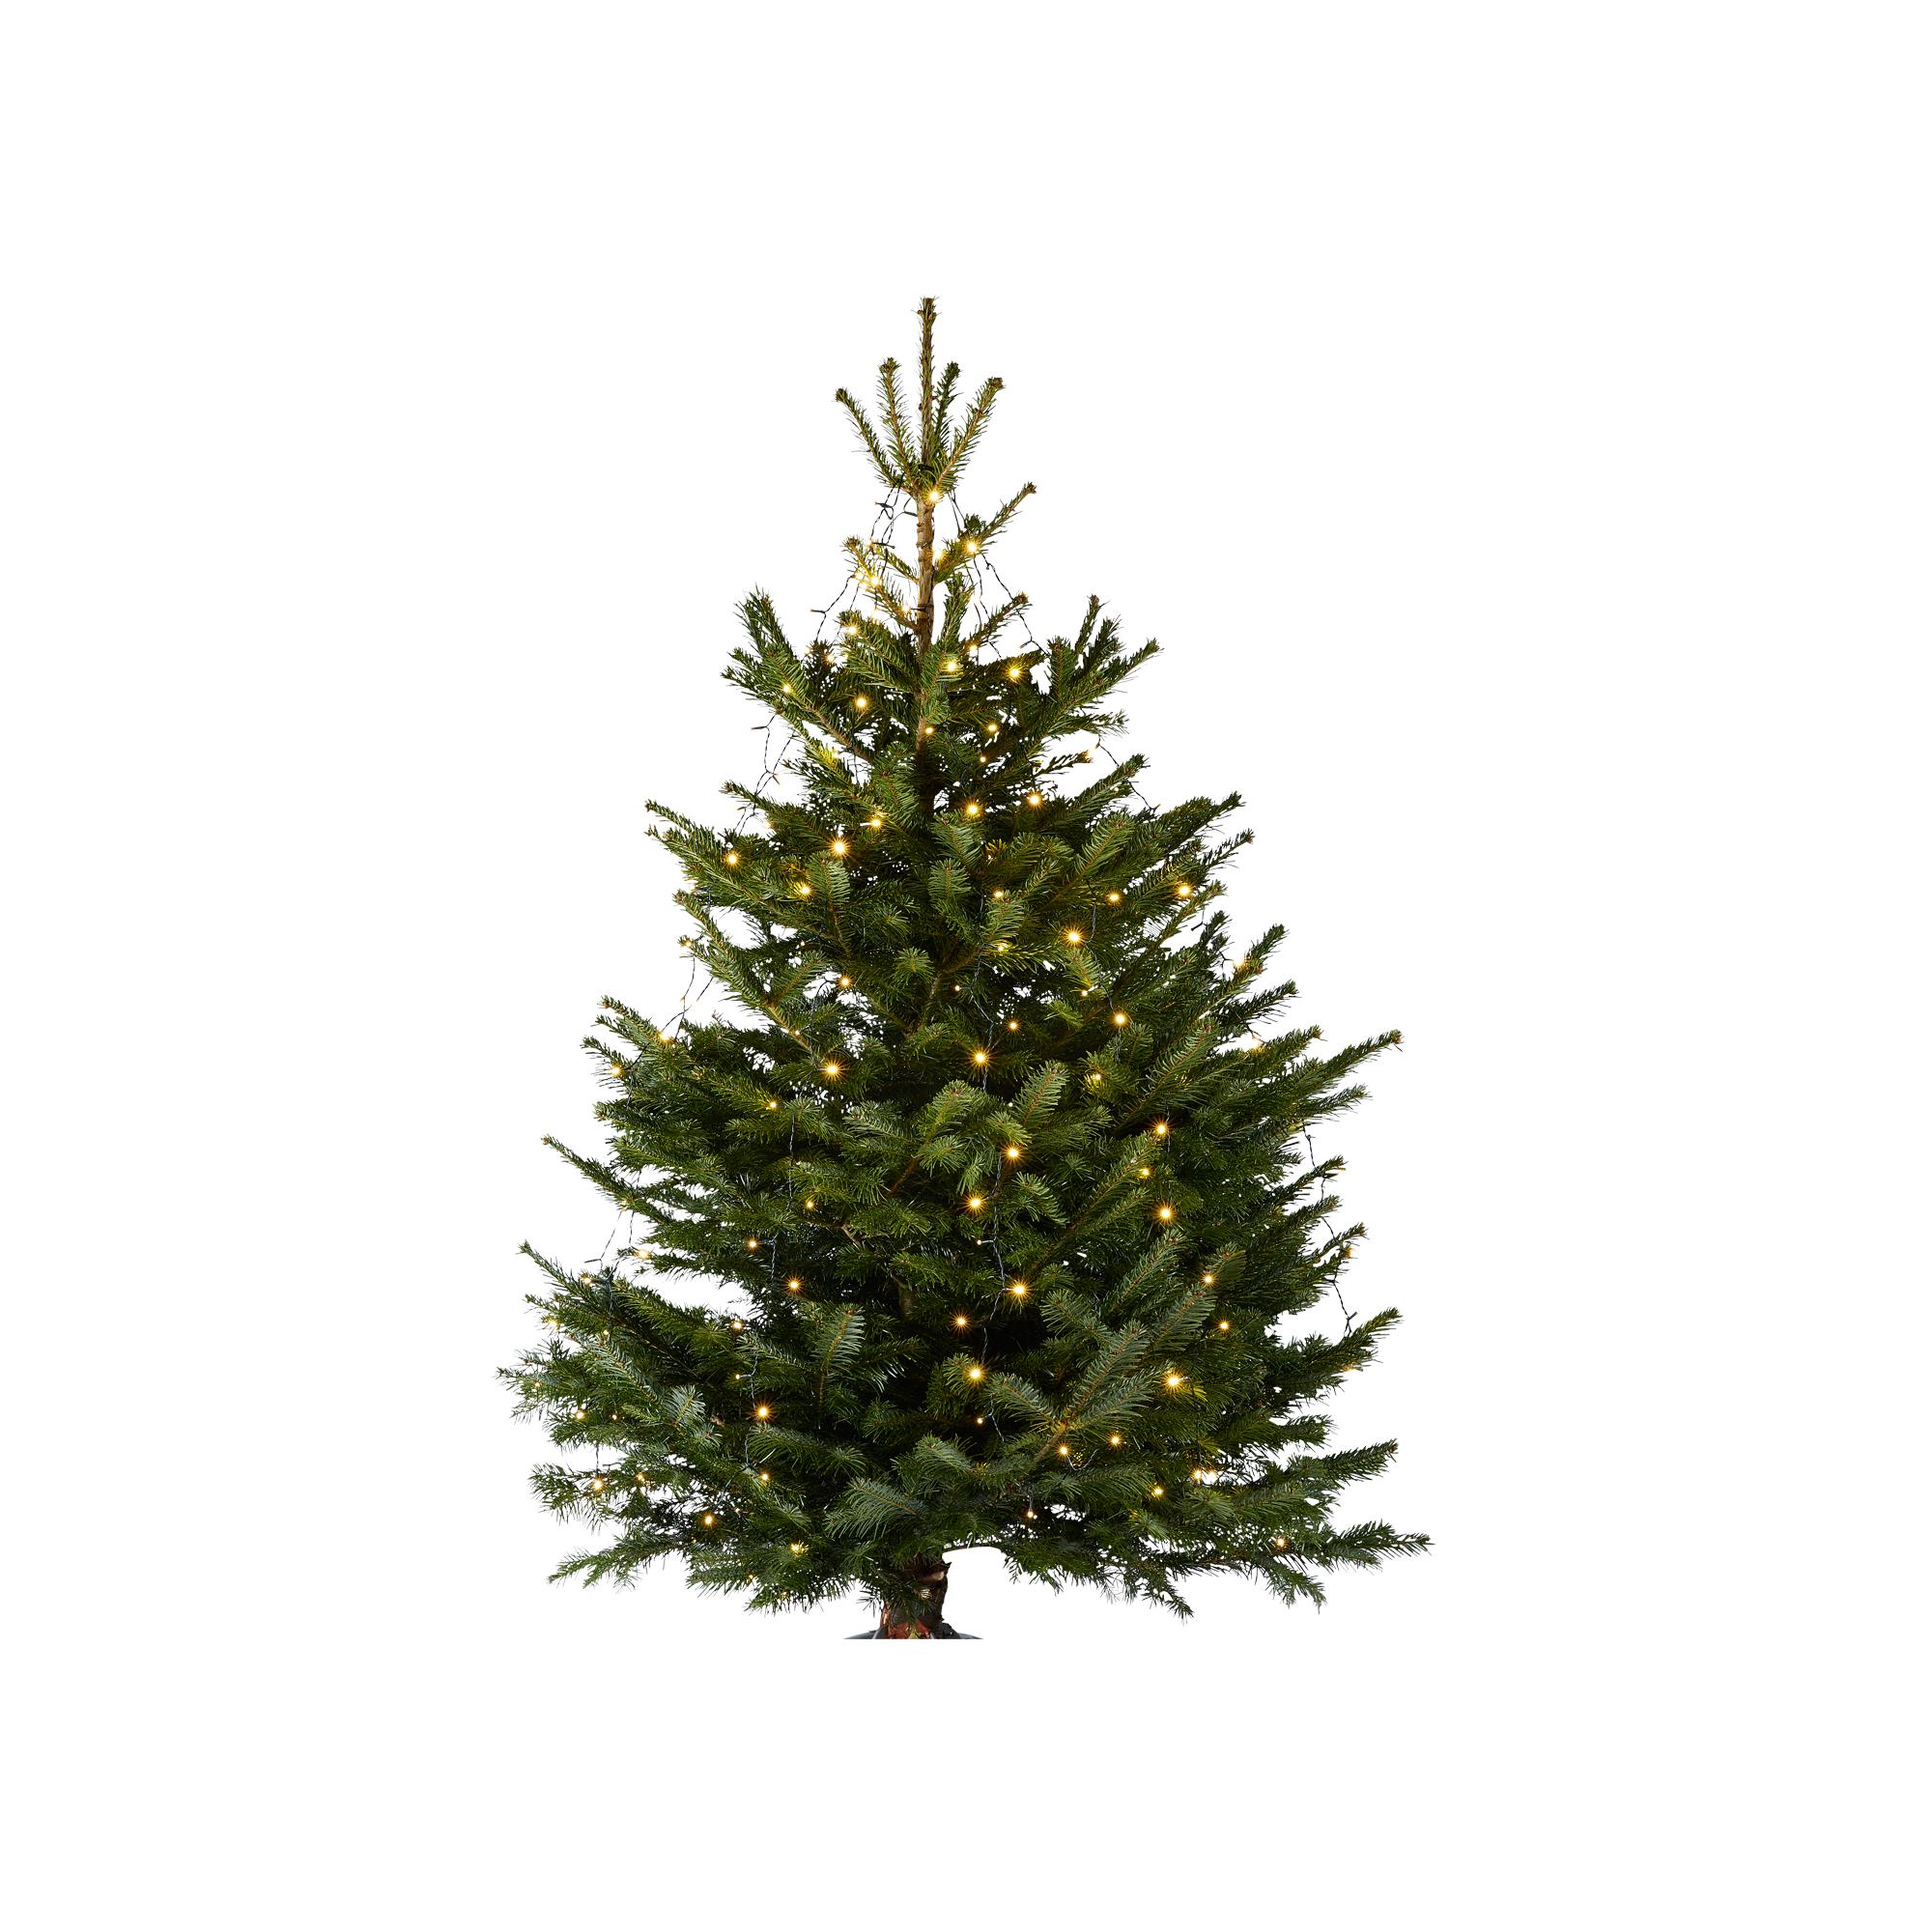 Weihnachtsbeleuchtung Außen Für Große Bäume.Baummantel Lichterkette Warmweiß 400 Leds Außen